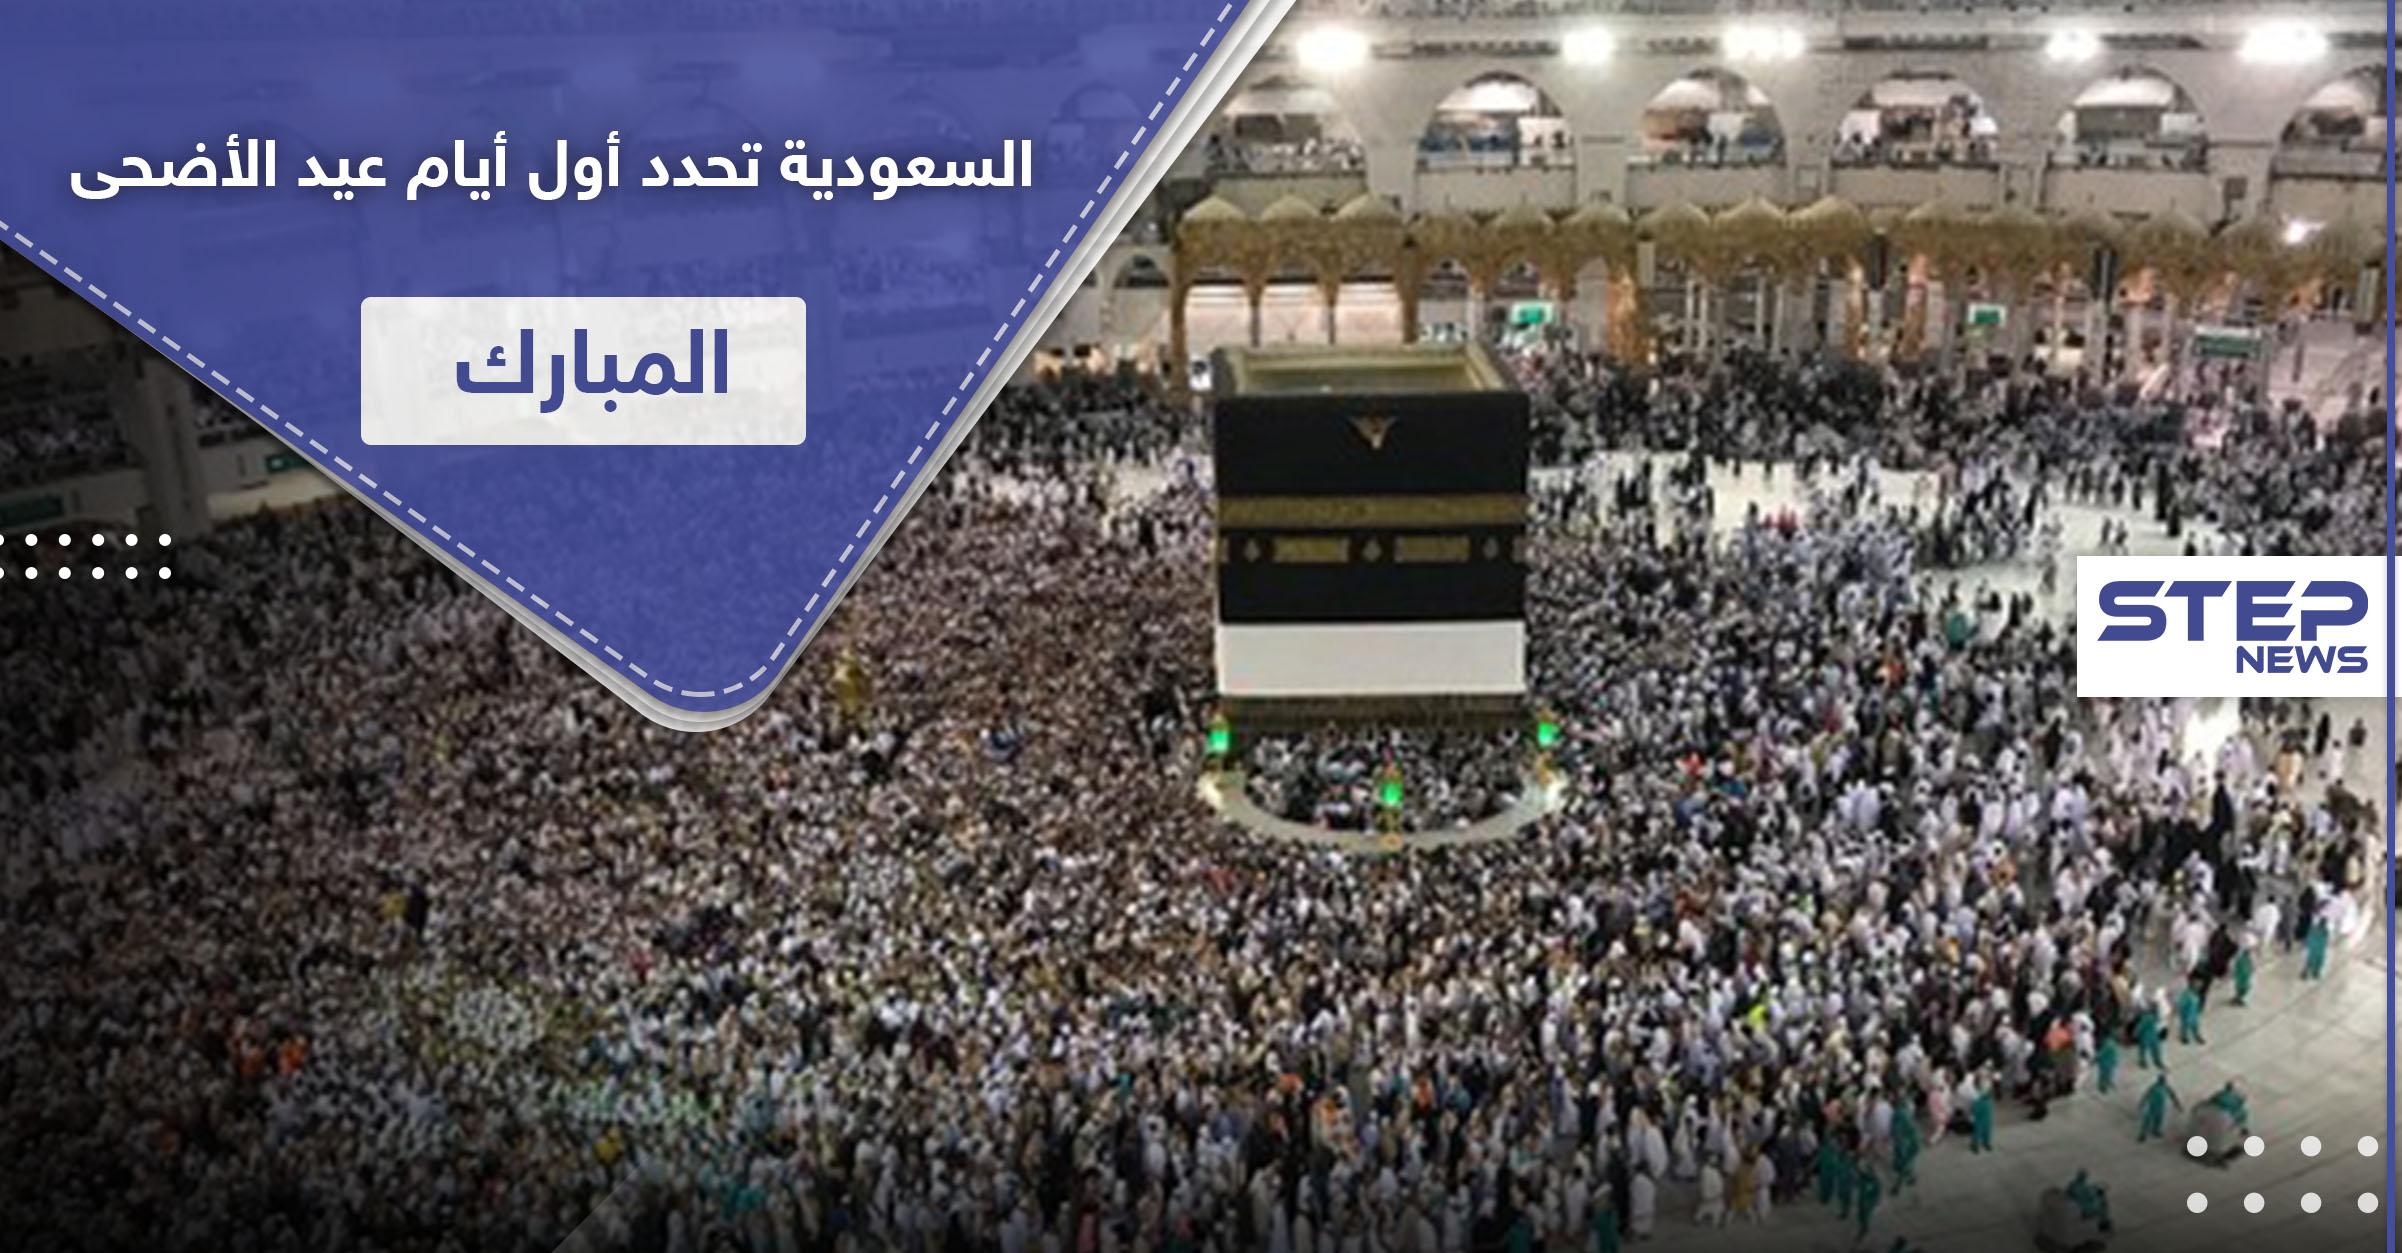 السعودية تحدد أول أيام عيد الأضحى المبارك بعد تعذر رؤية الهلال